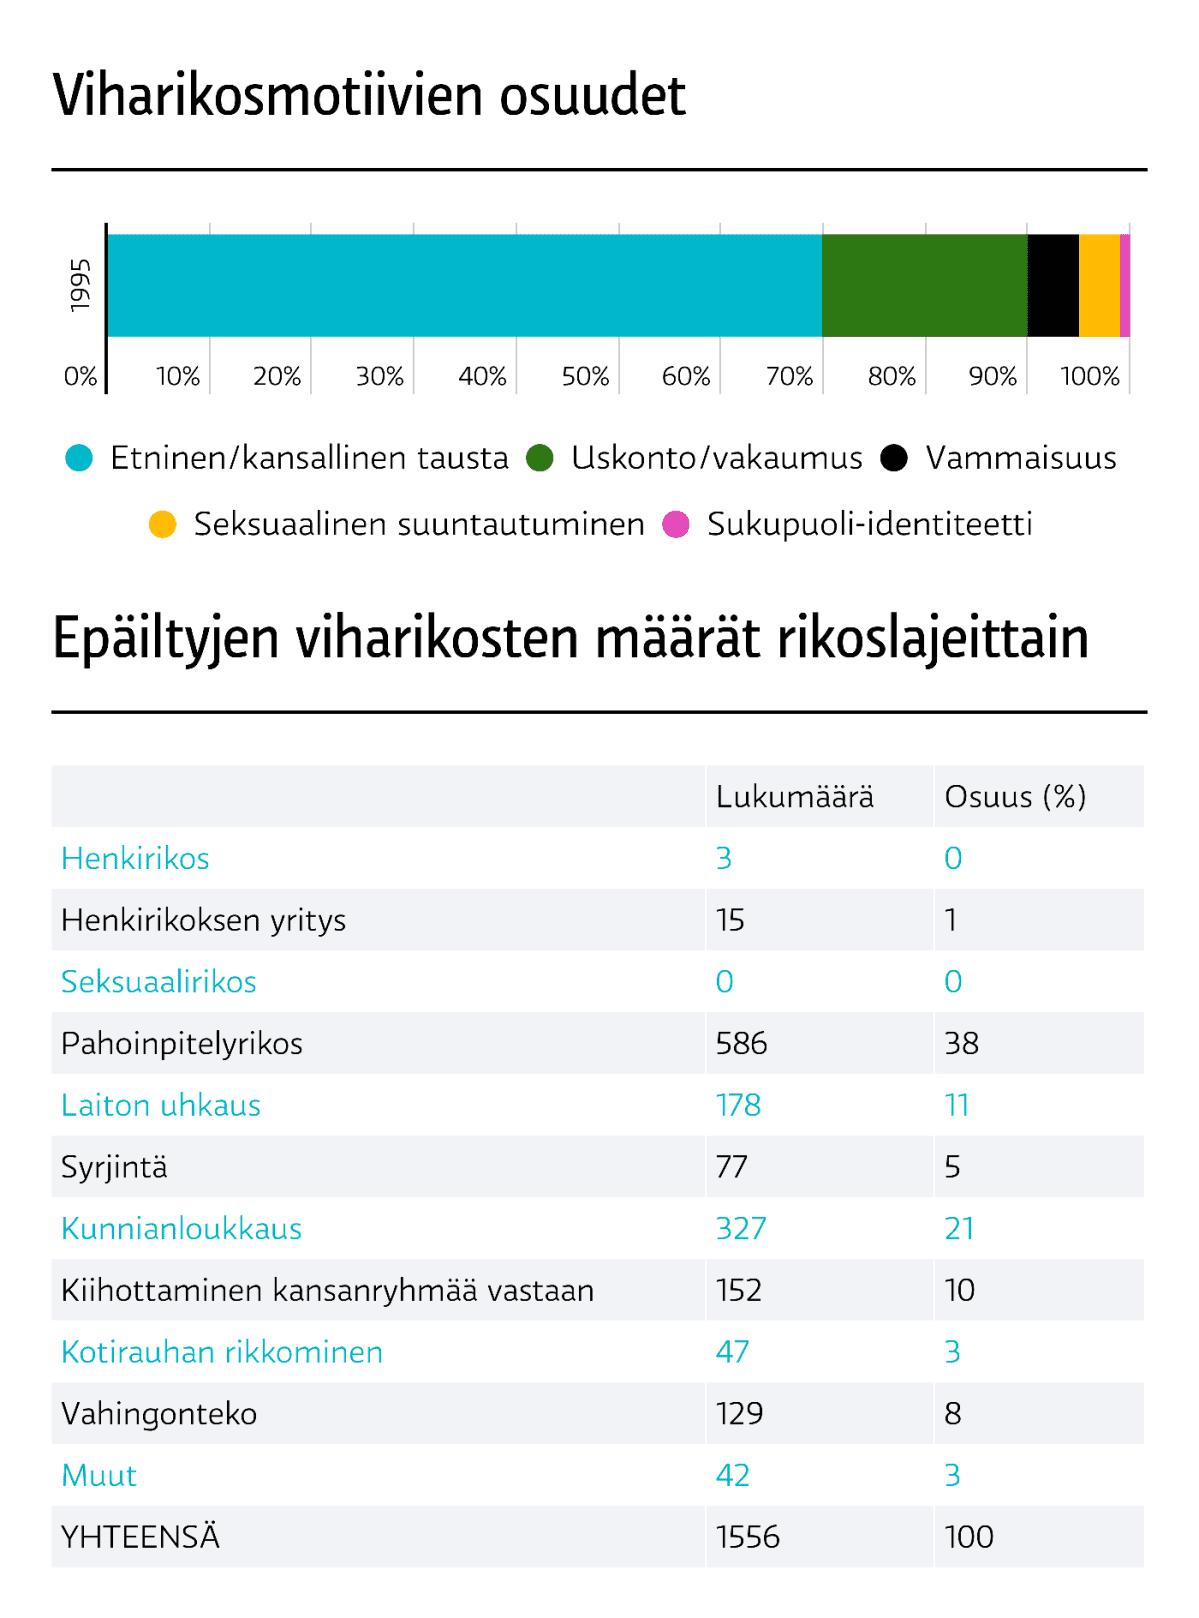 Viharikosilmoitukset 2017. Viharikosmotiivinen osuudet. Rikoslajit.